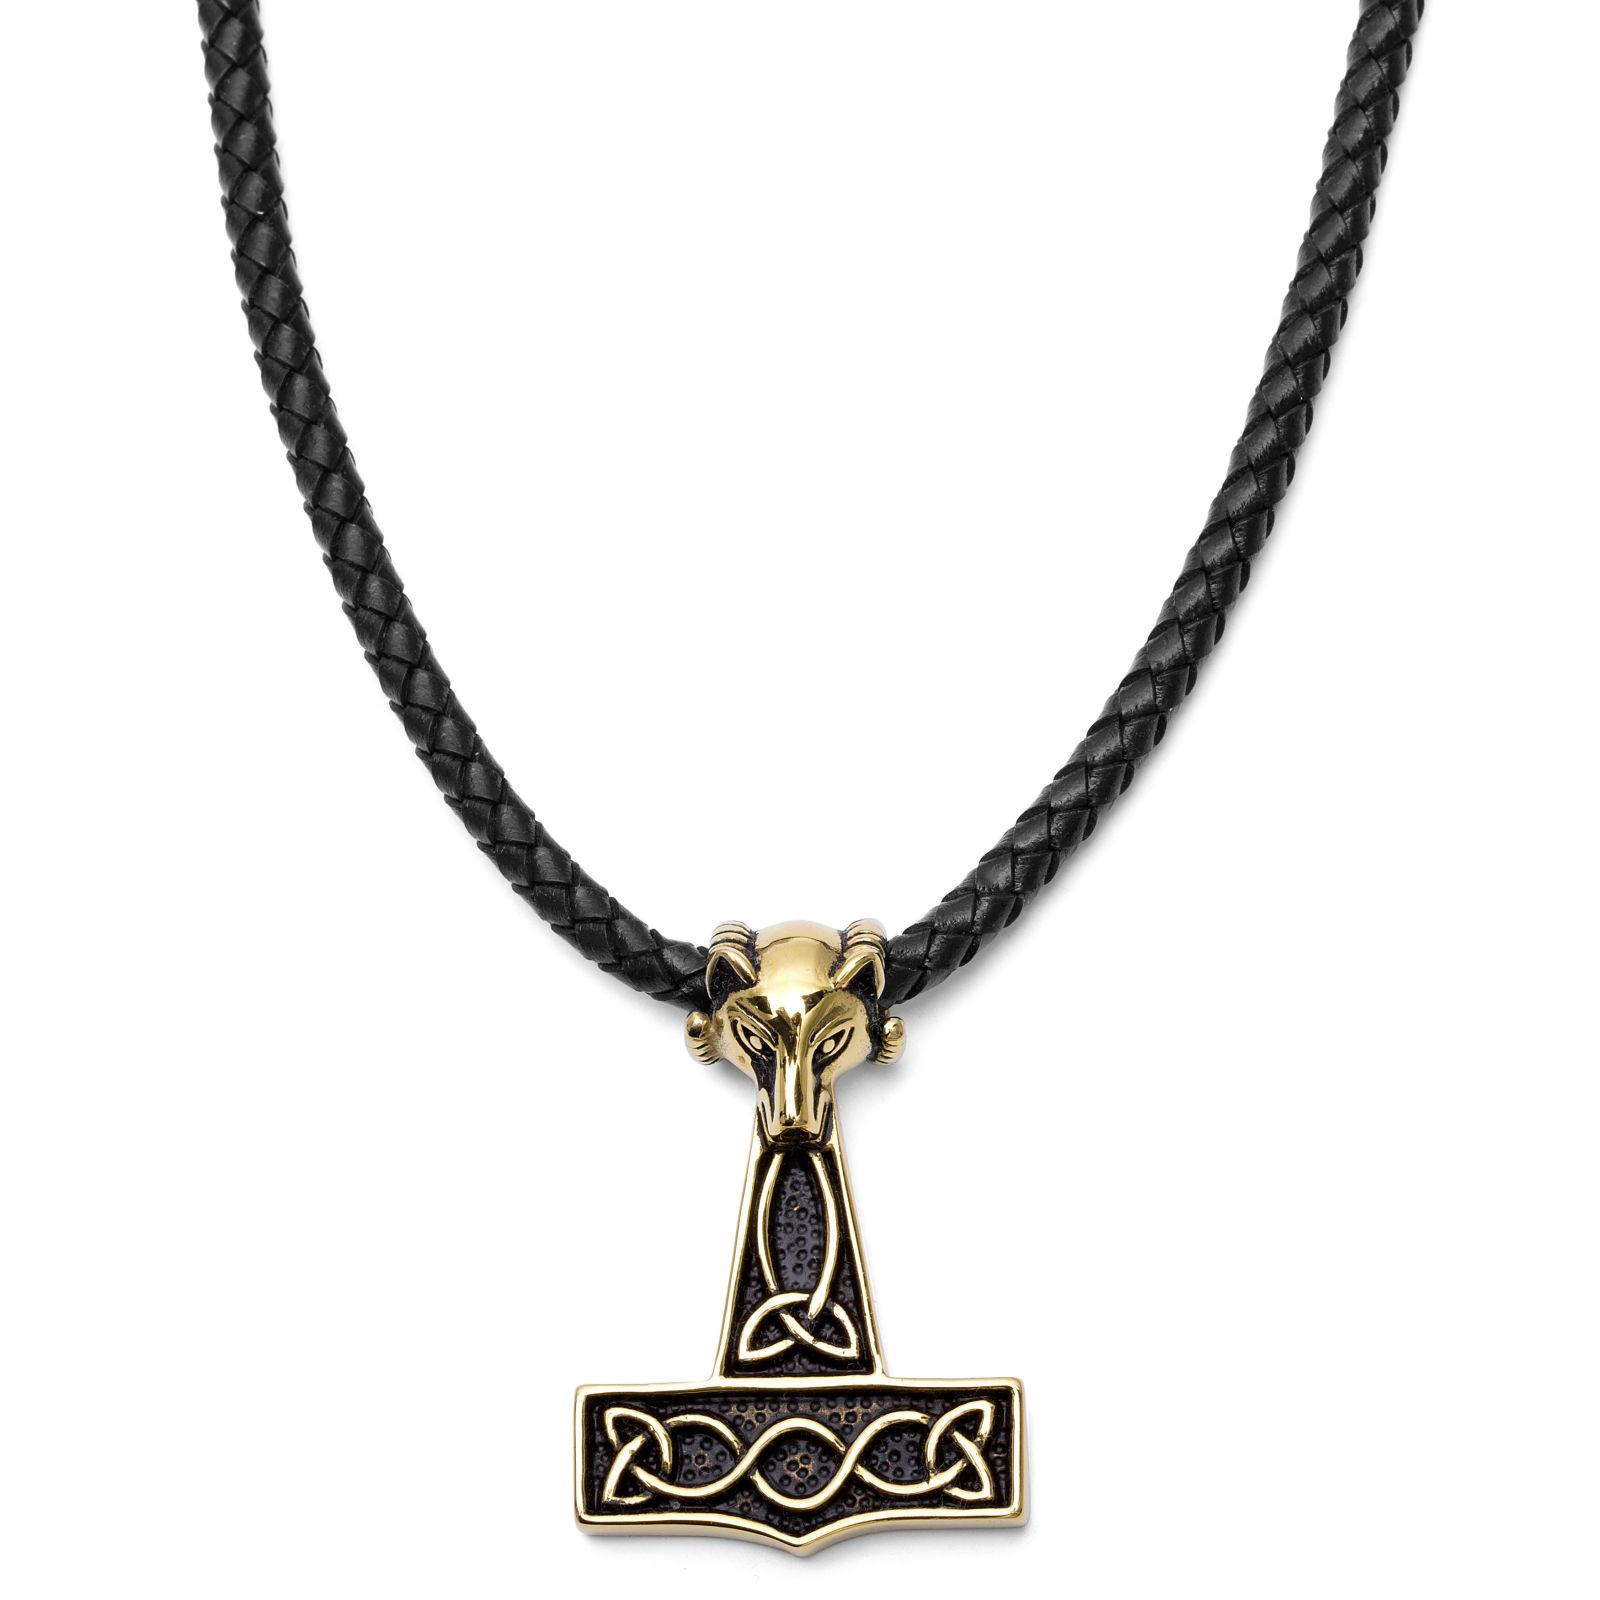 Zlatý vlk černý kožený náhrdelník 6cd3d7b80bc